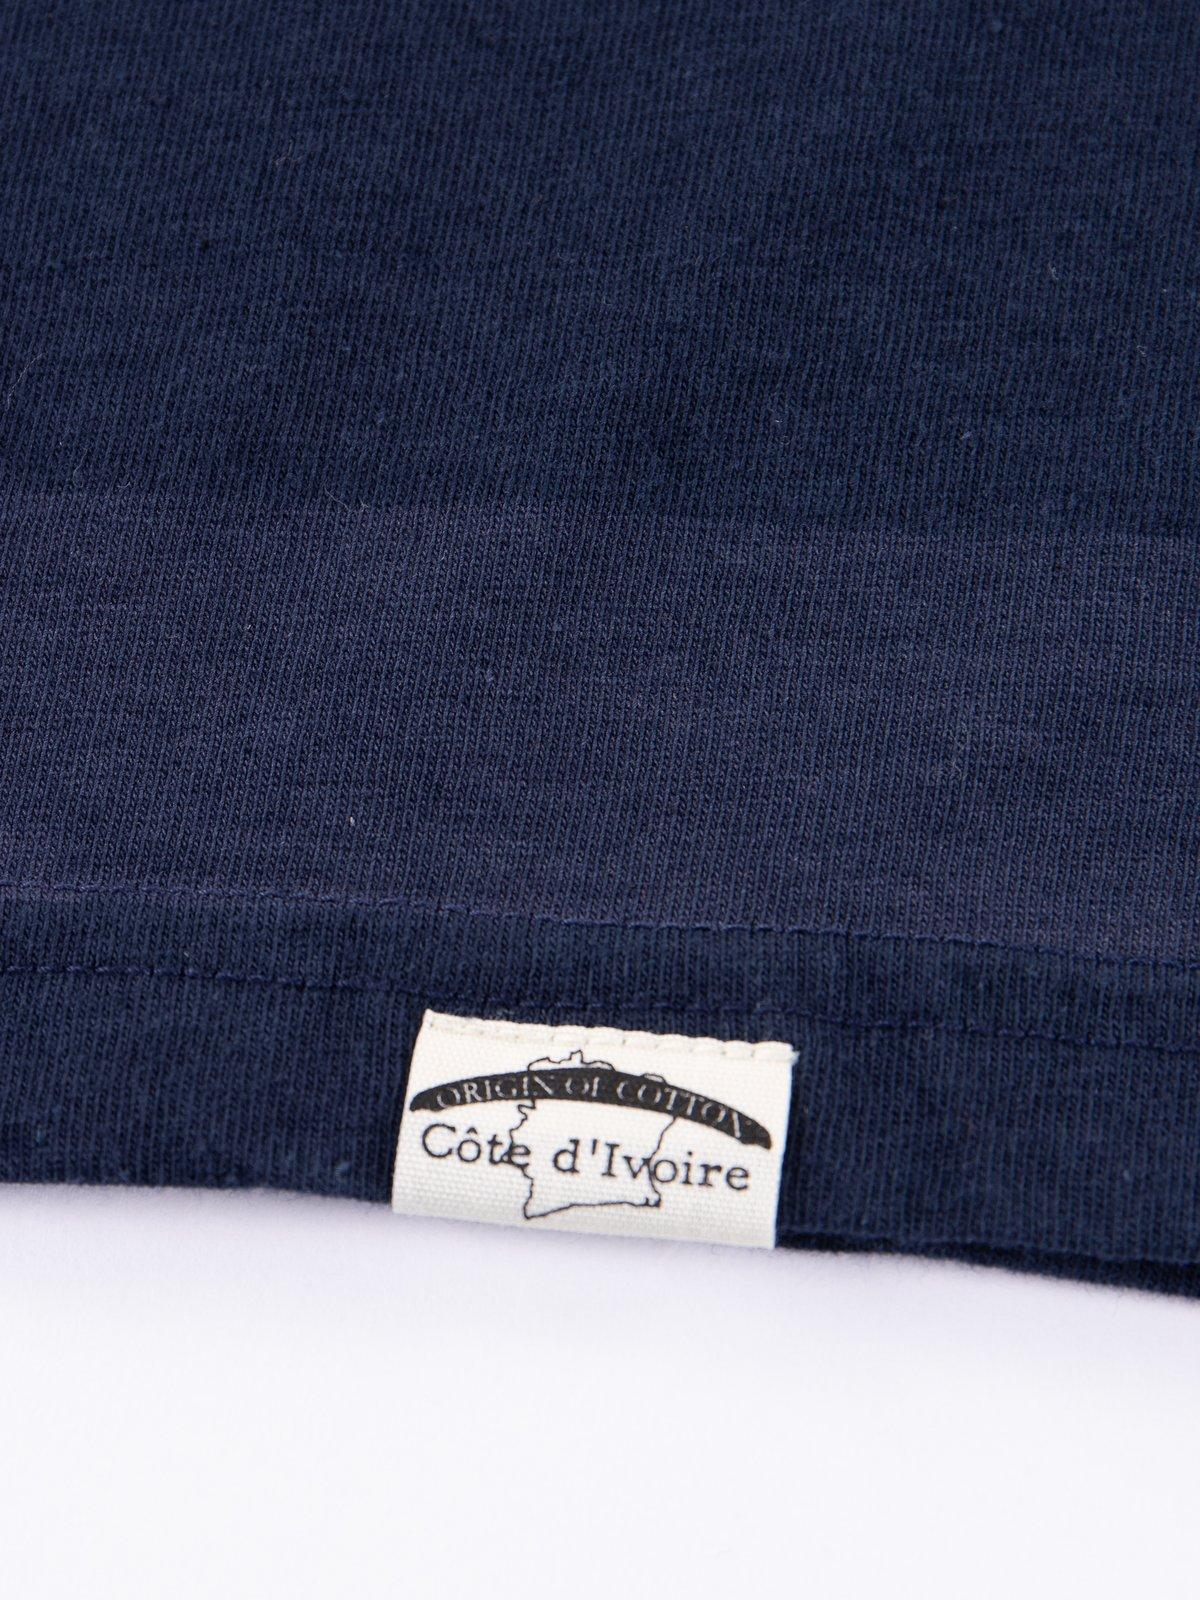 Navy Stripe Cote D'Ivoire Cotton T–Shirt - Image 4